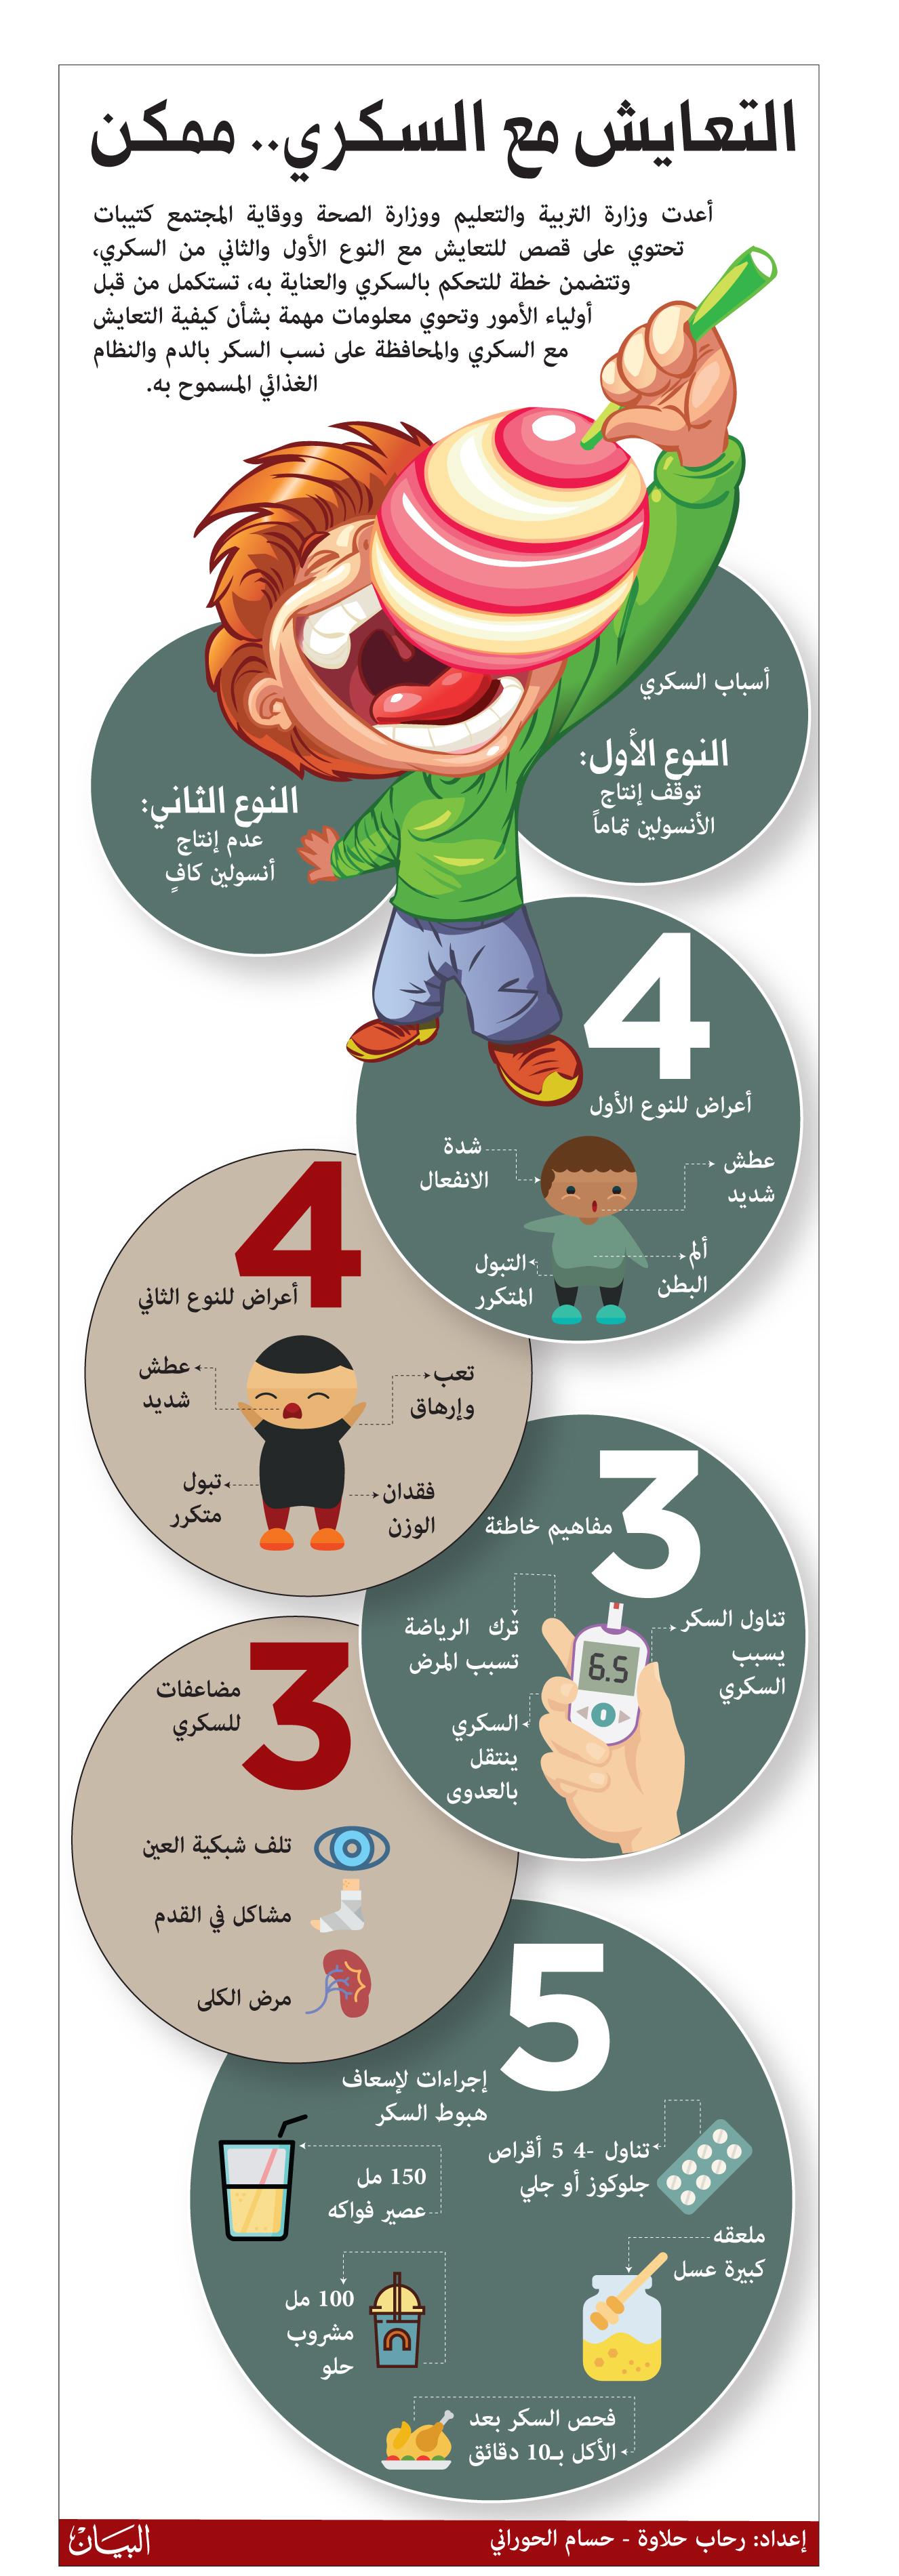 السكري يرهق 2500 طفل وندرة المتخصصين تفاقم المعاناة عبر الإمارات أخبار وتقارير البيان